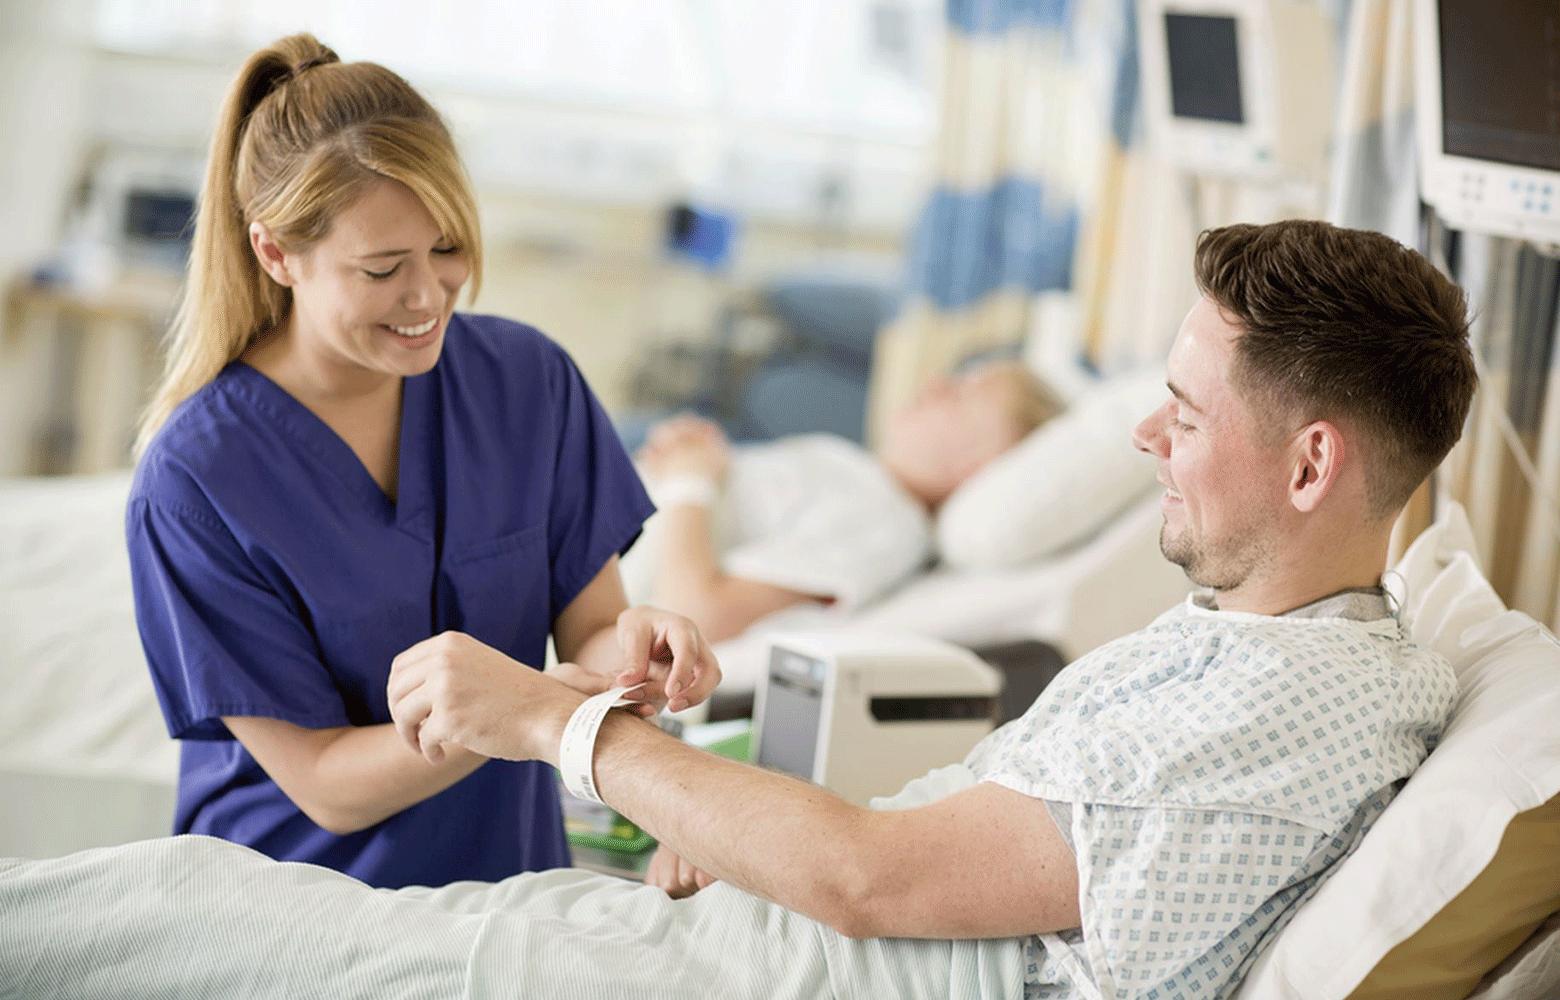 Sairaanhoitaja kiinnittää Brotherin tulostimella tulostettua potilasranneketta